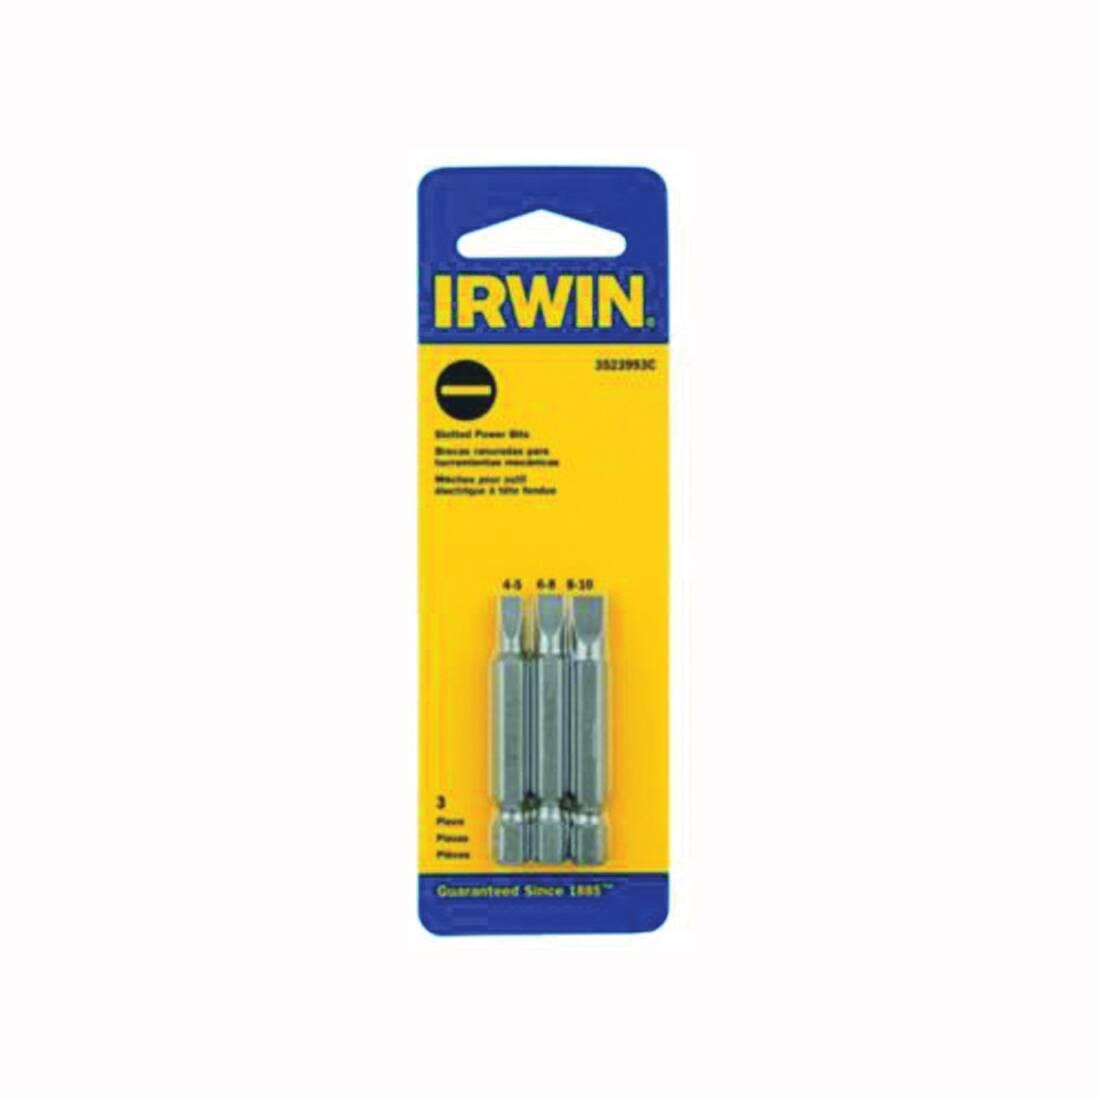 IRWIN 3521131C